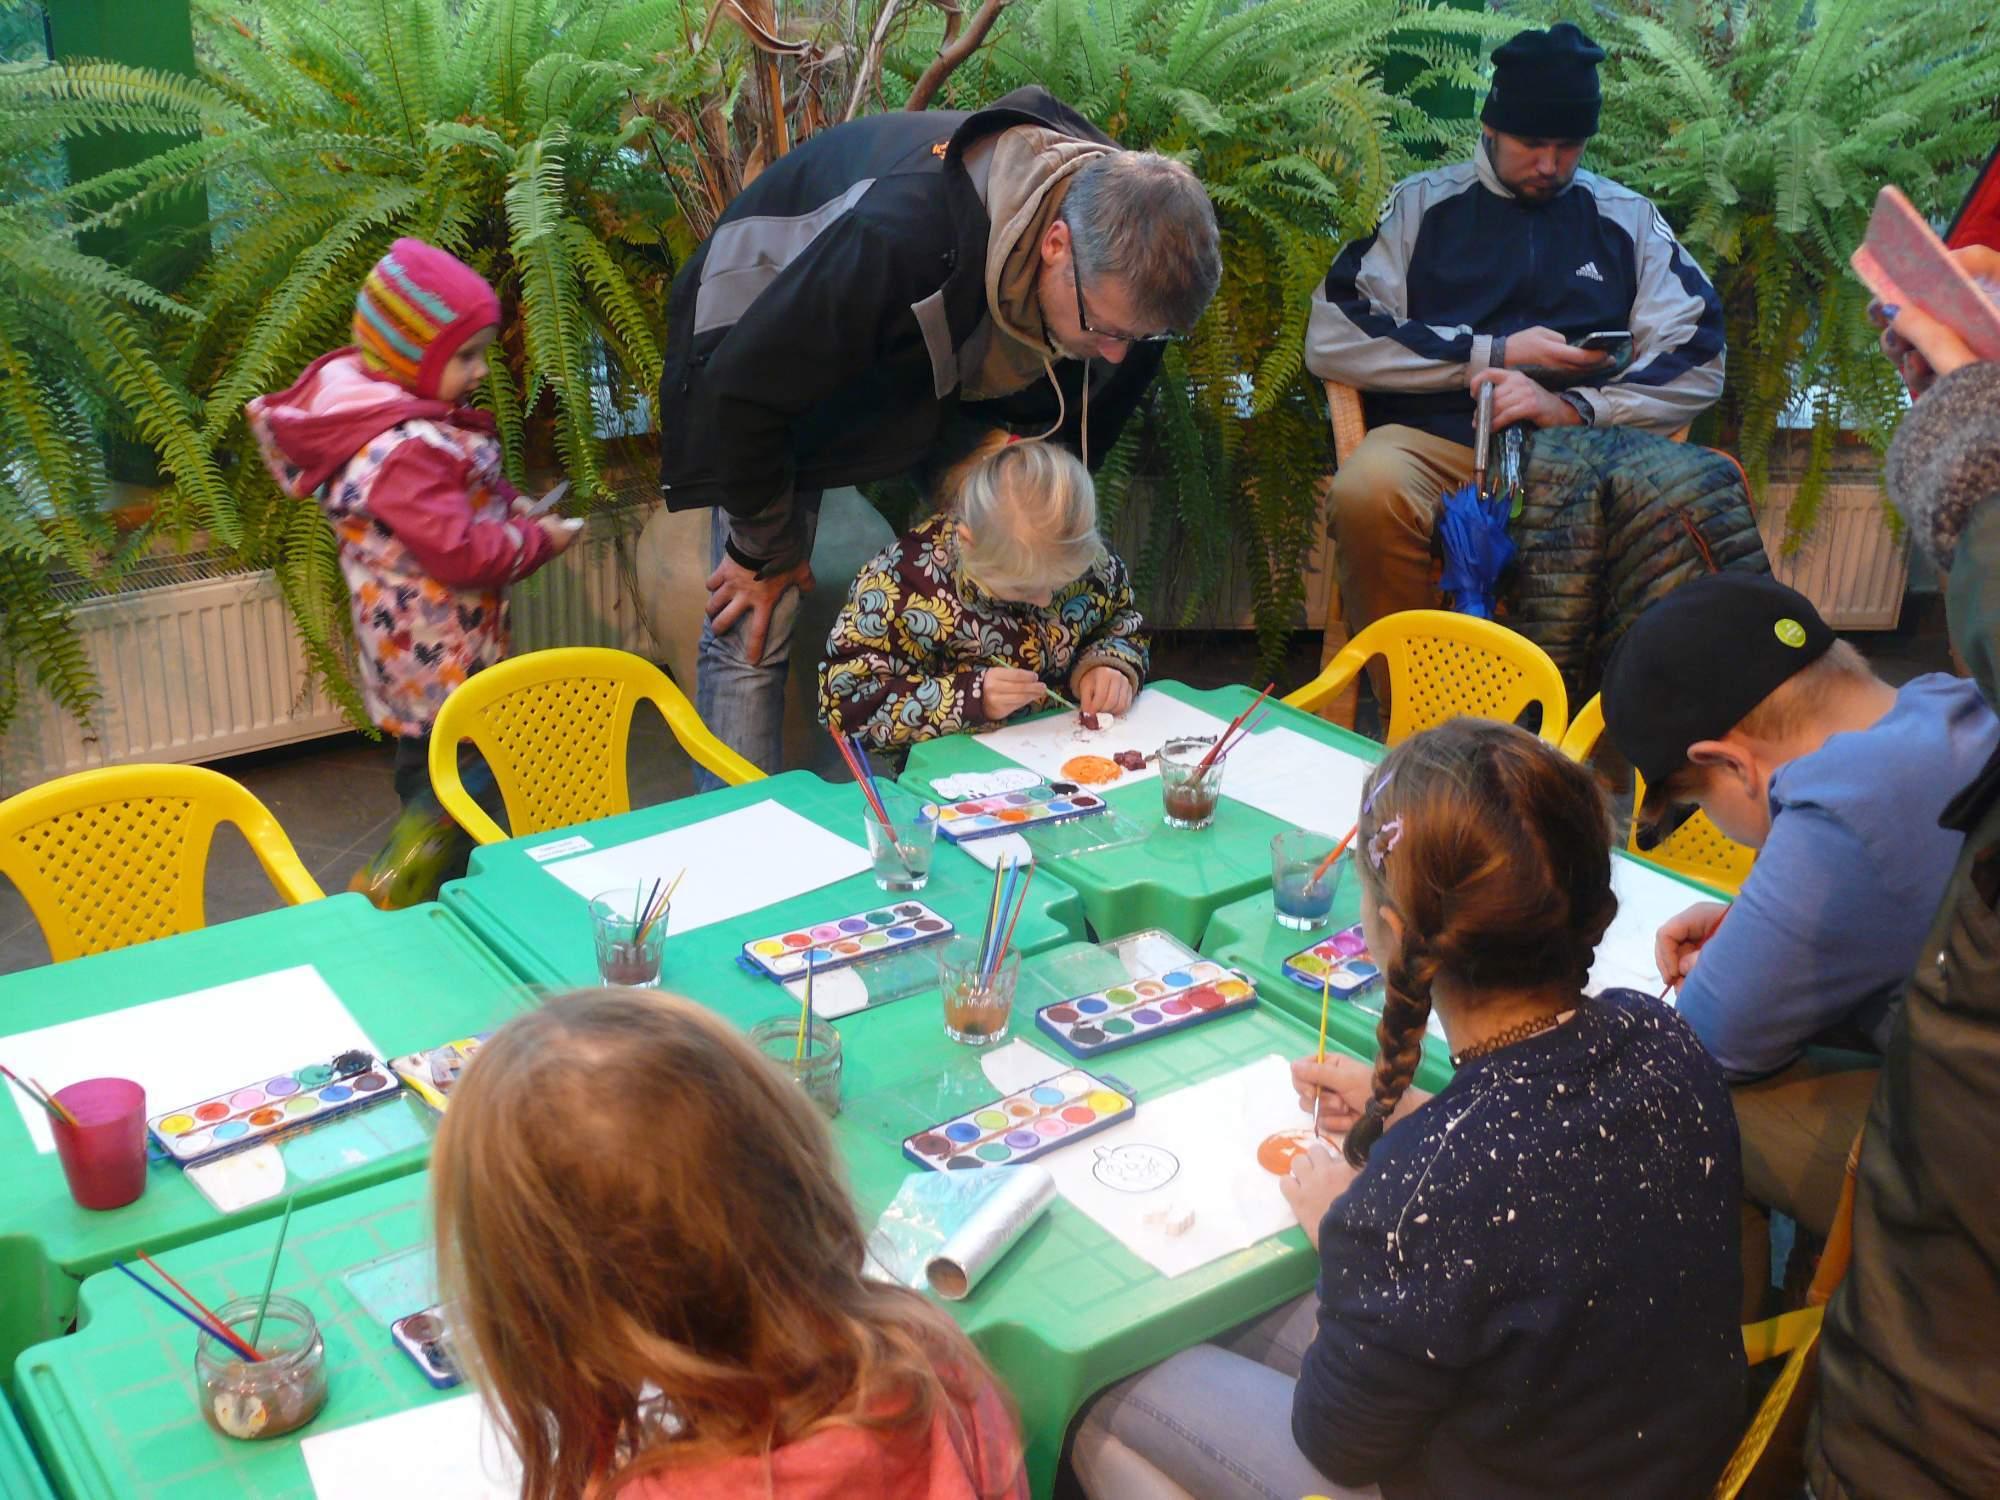 Stôl s kreatívnymi dielňami, kde si deti malovali na sádrové odliatky. Foto: Kristína Marcinková